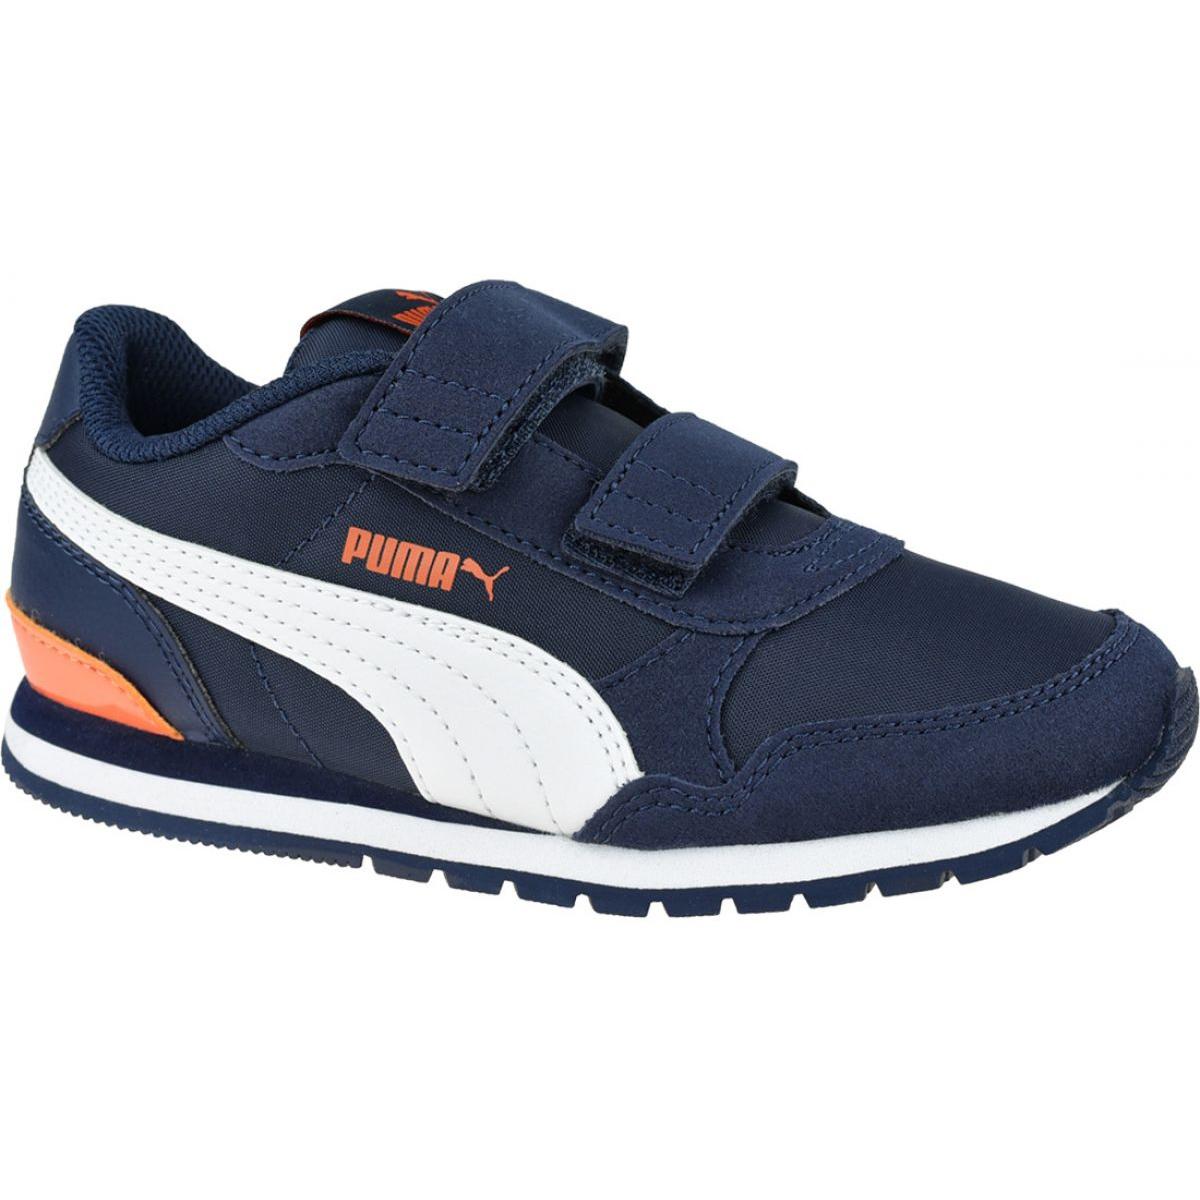 Puma St Runner V2 Nl Ps Jr 365294 15